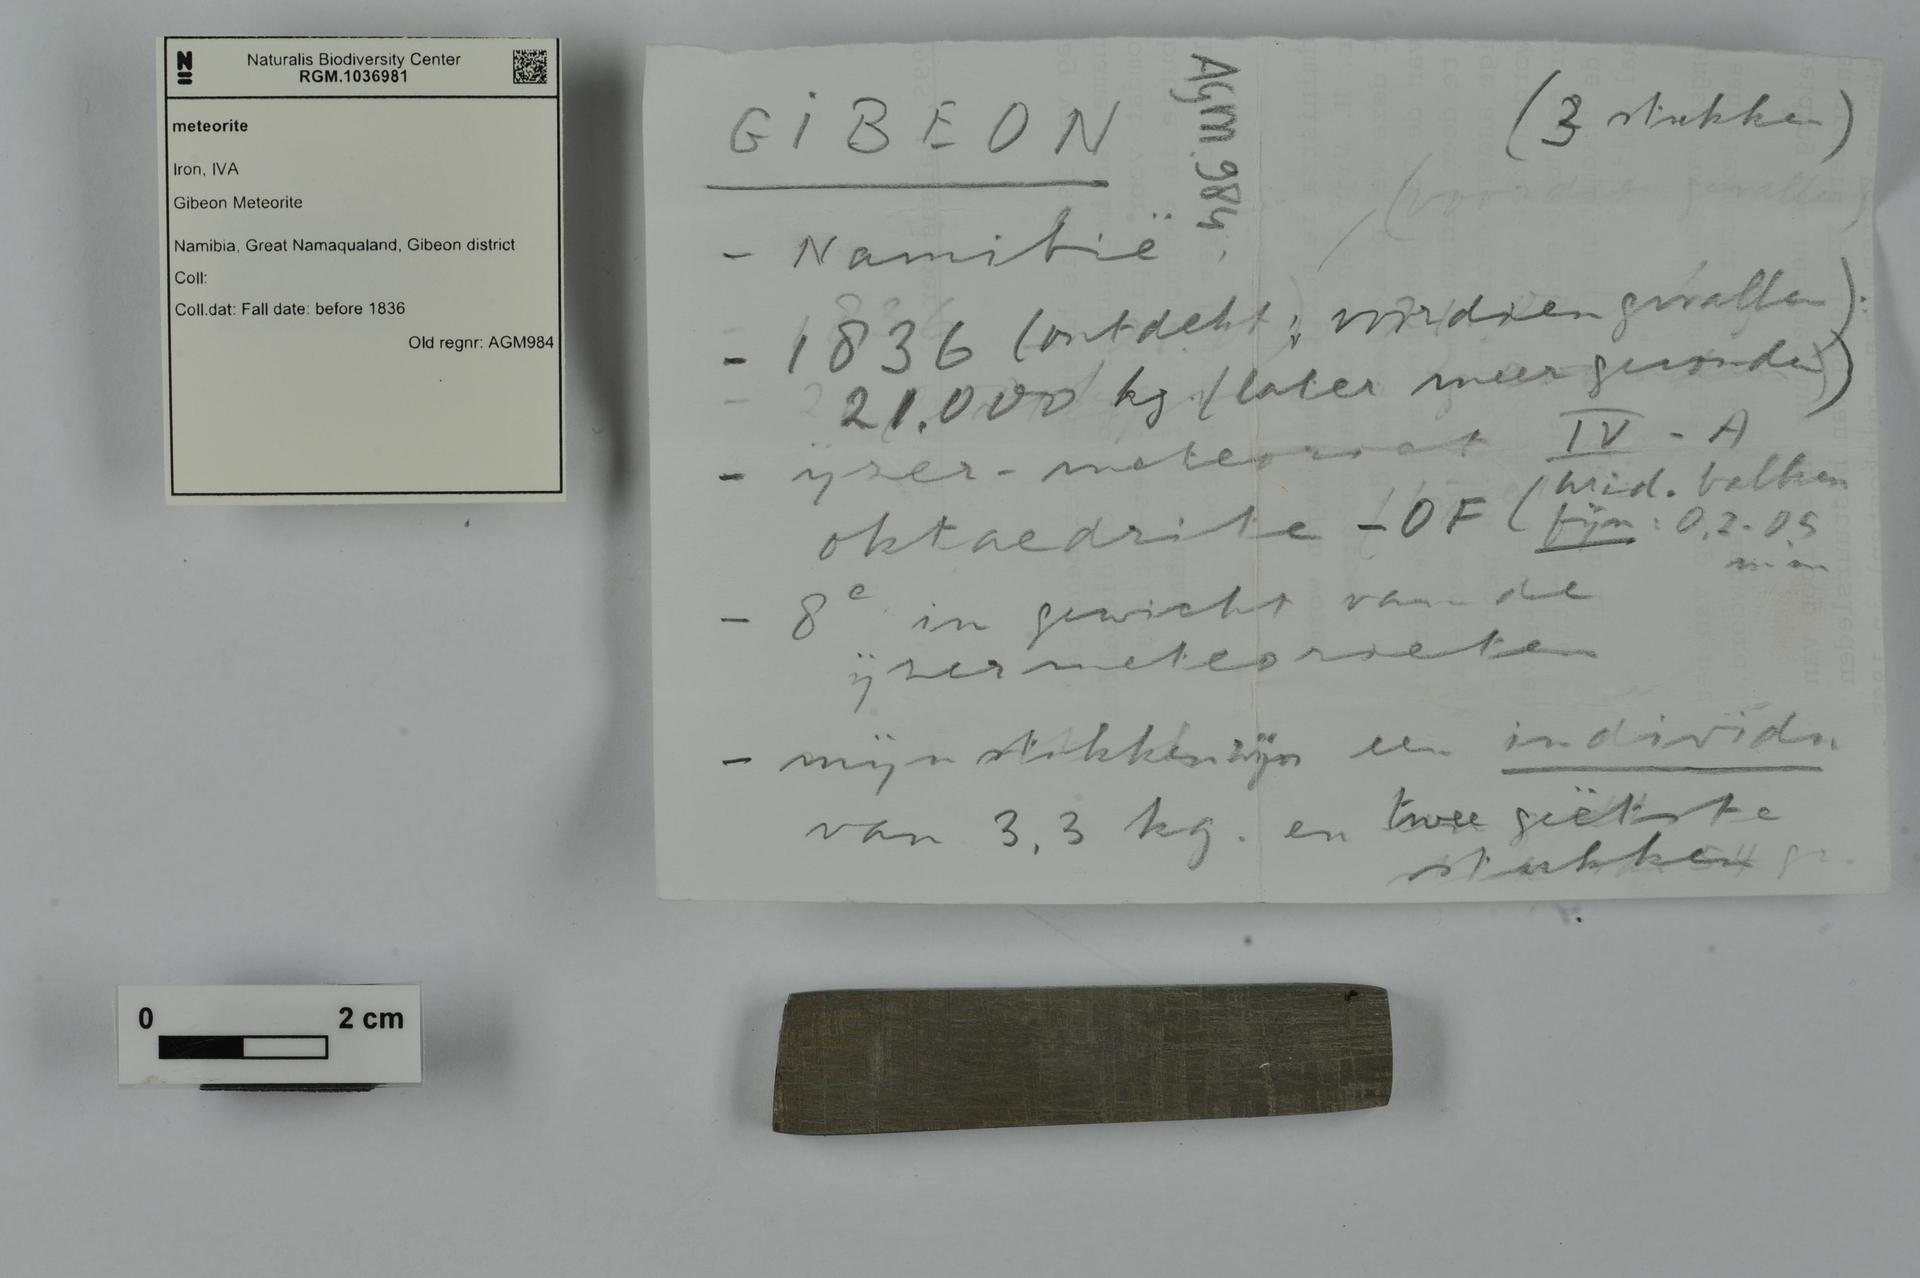 RGM.1036981 | Iron, IVA